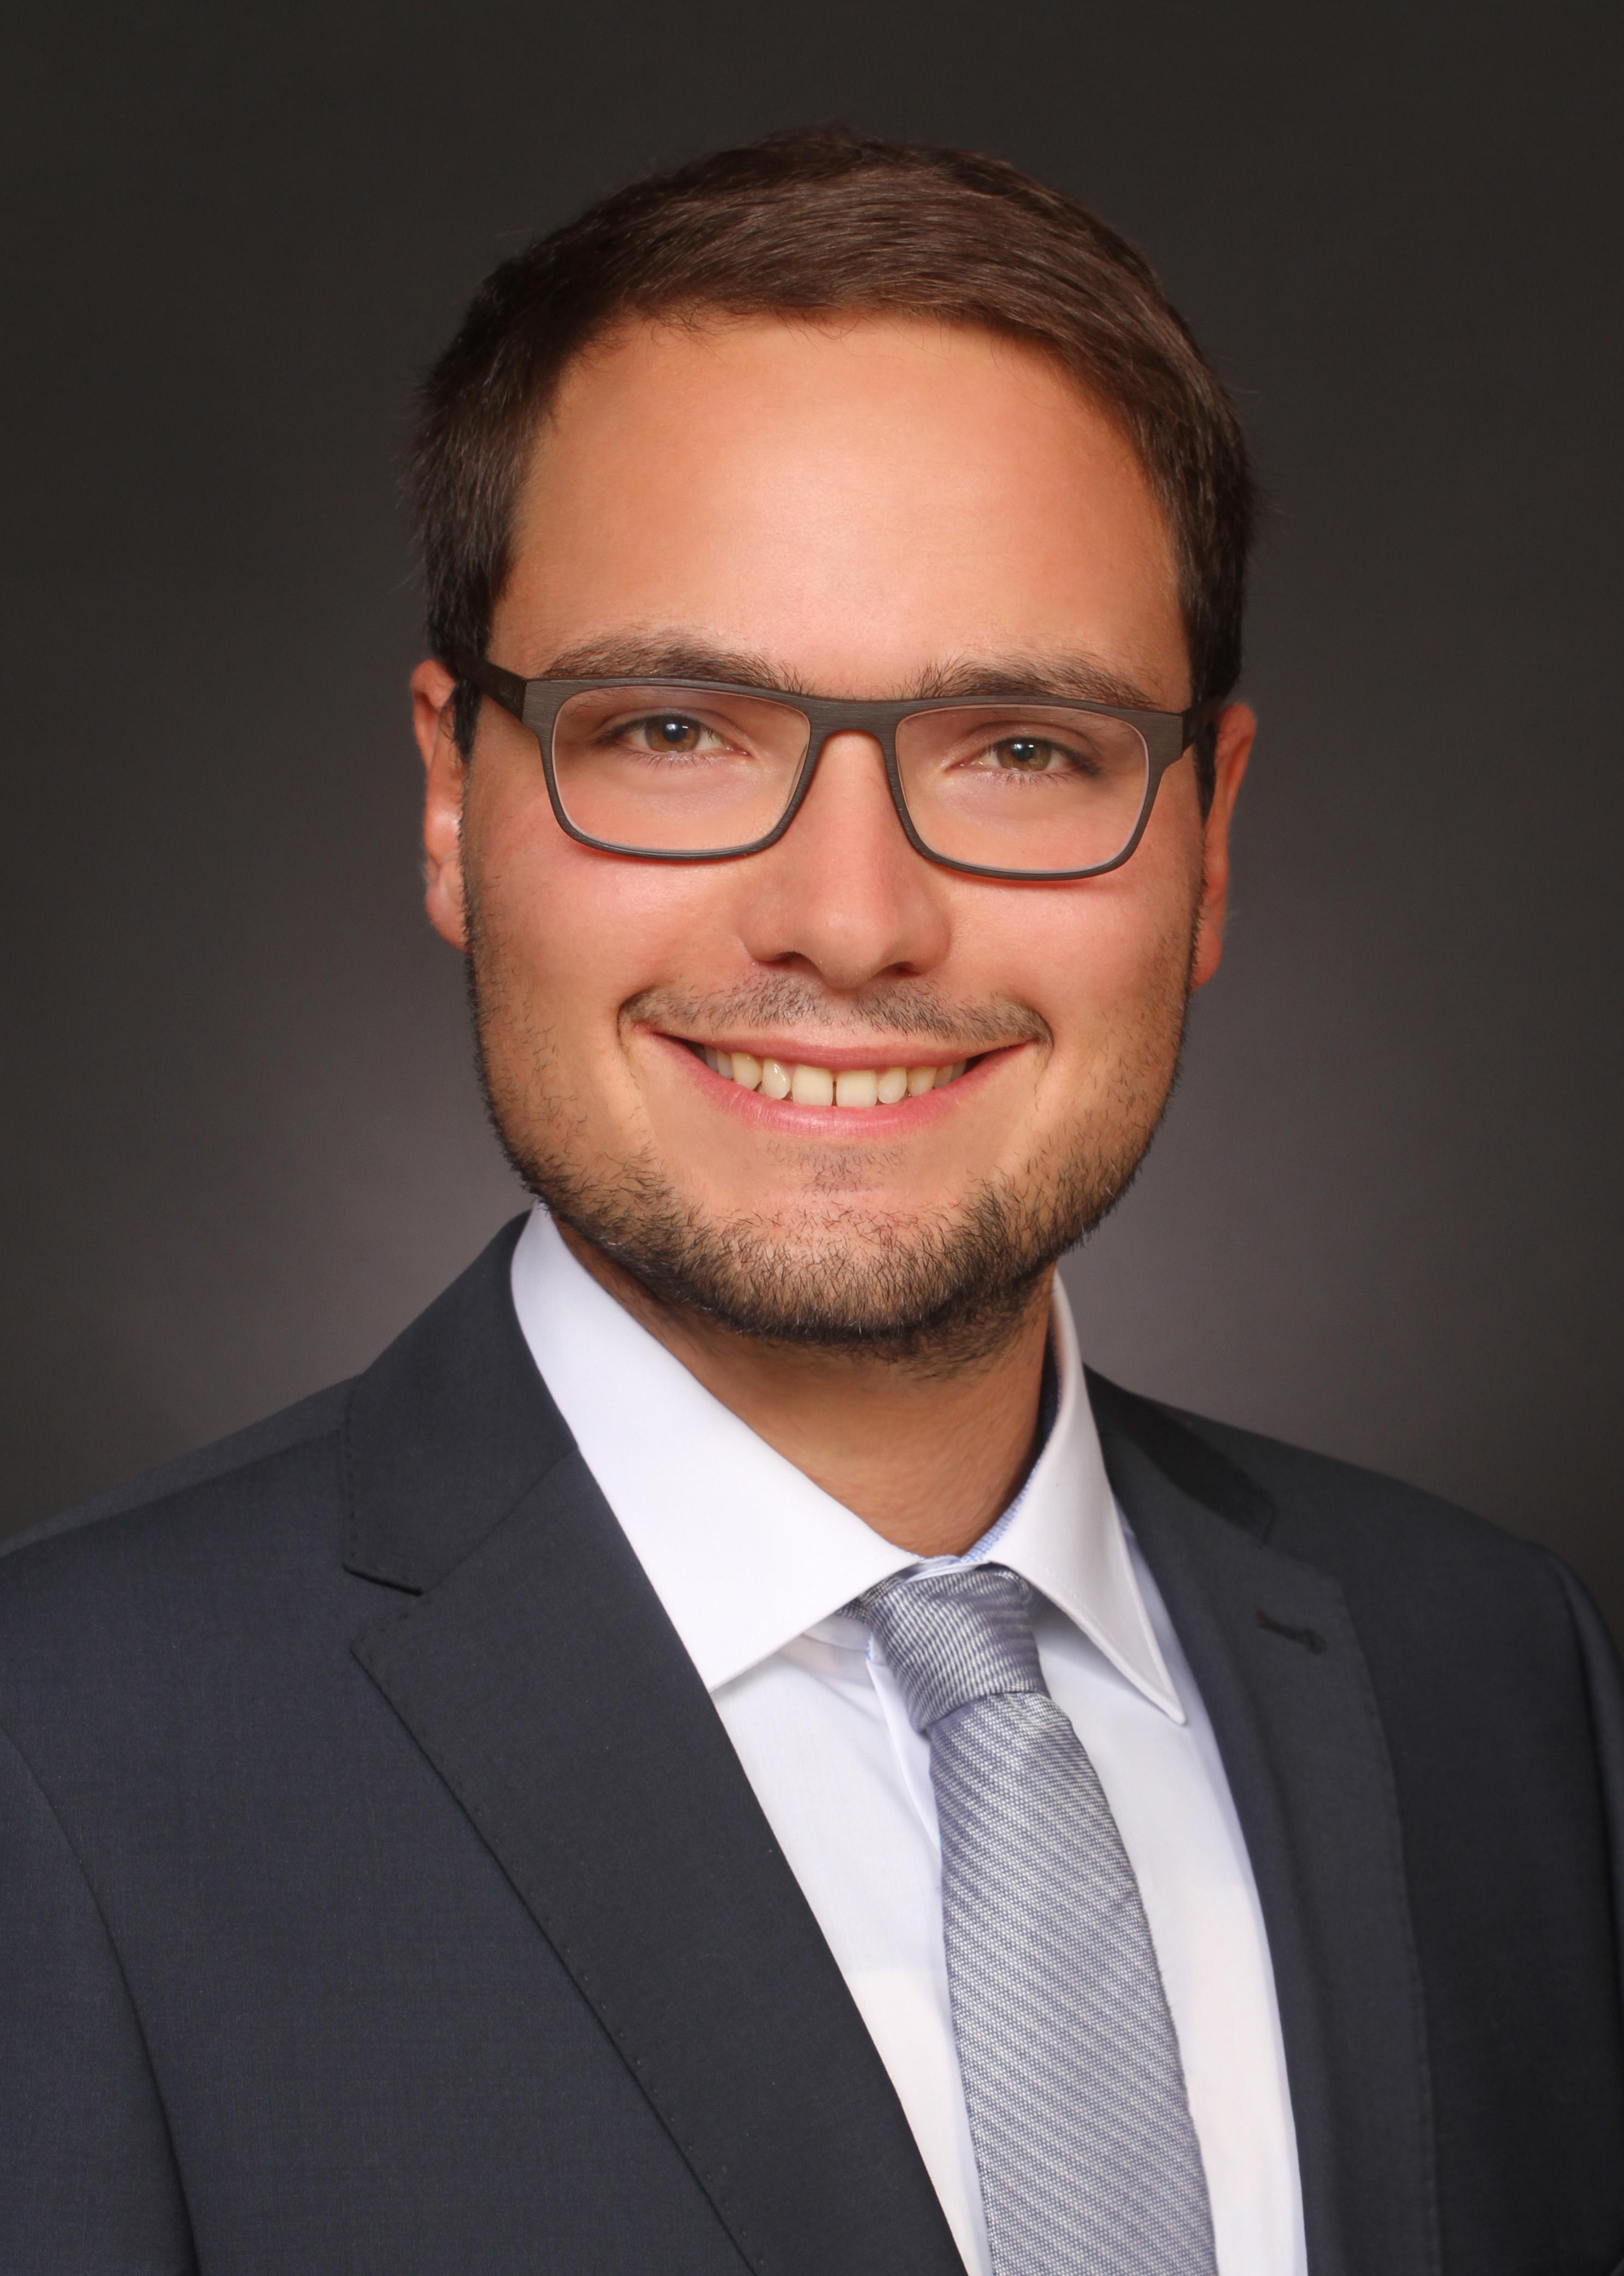 Michael Förth